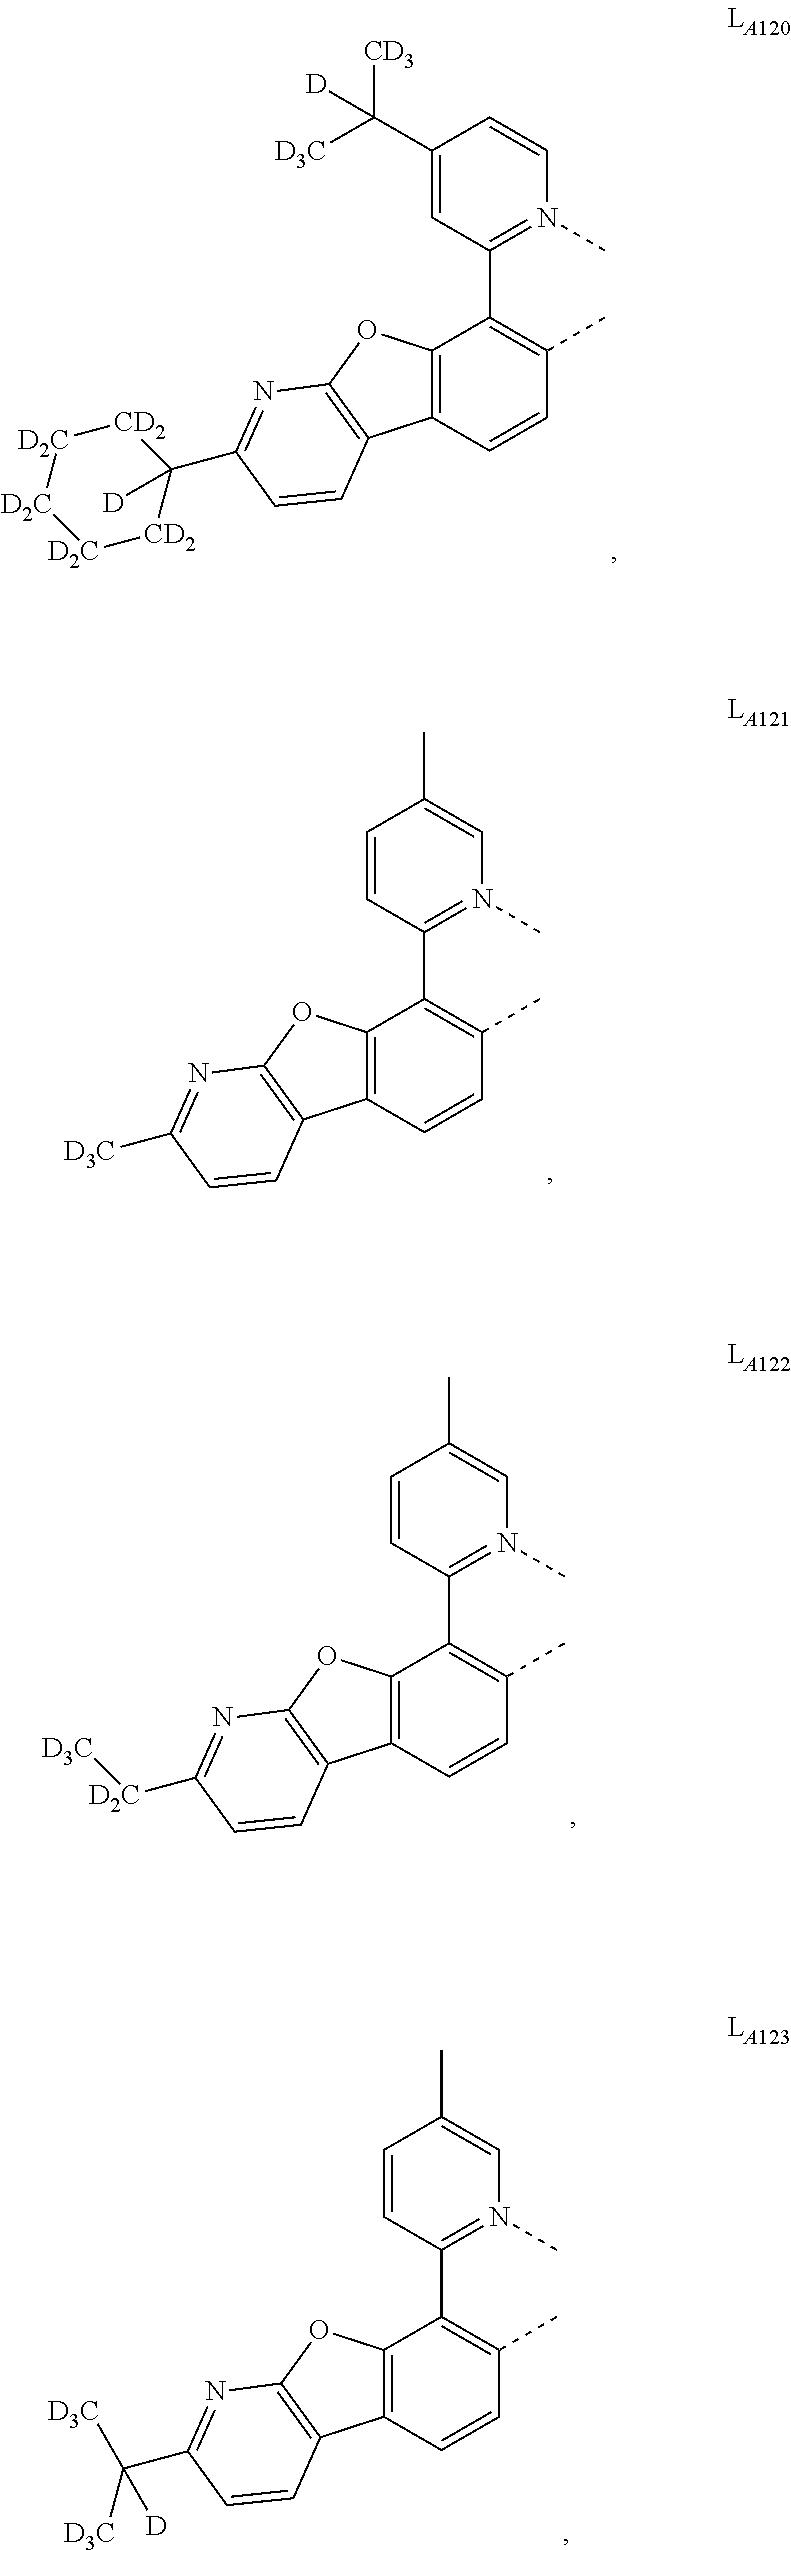 Figure US20160049599A1-20160218-C00035